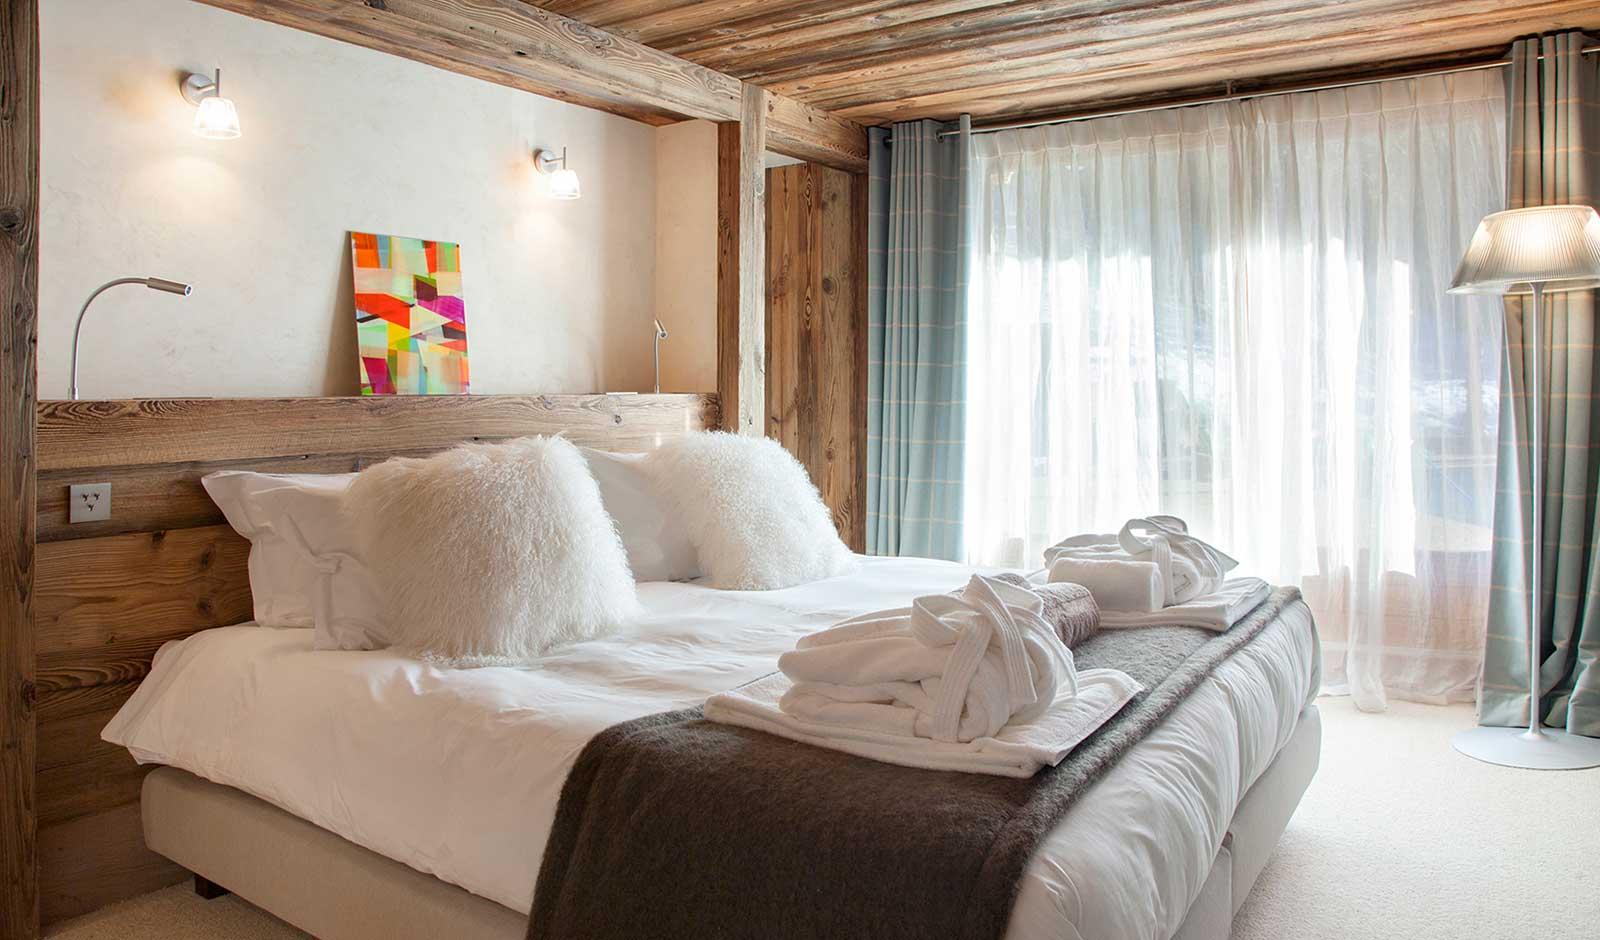 chalet-mont-tremblant-5-atelier-crea-and-co-architecte-design-project-manager-meribel-savoie